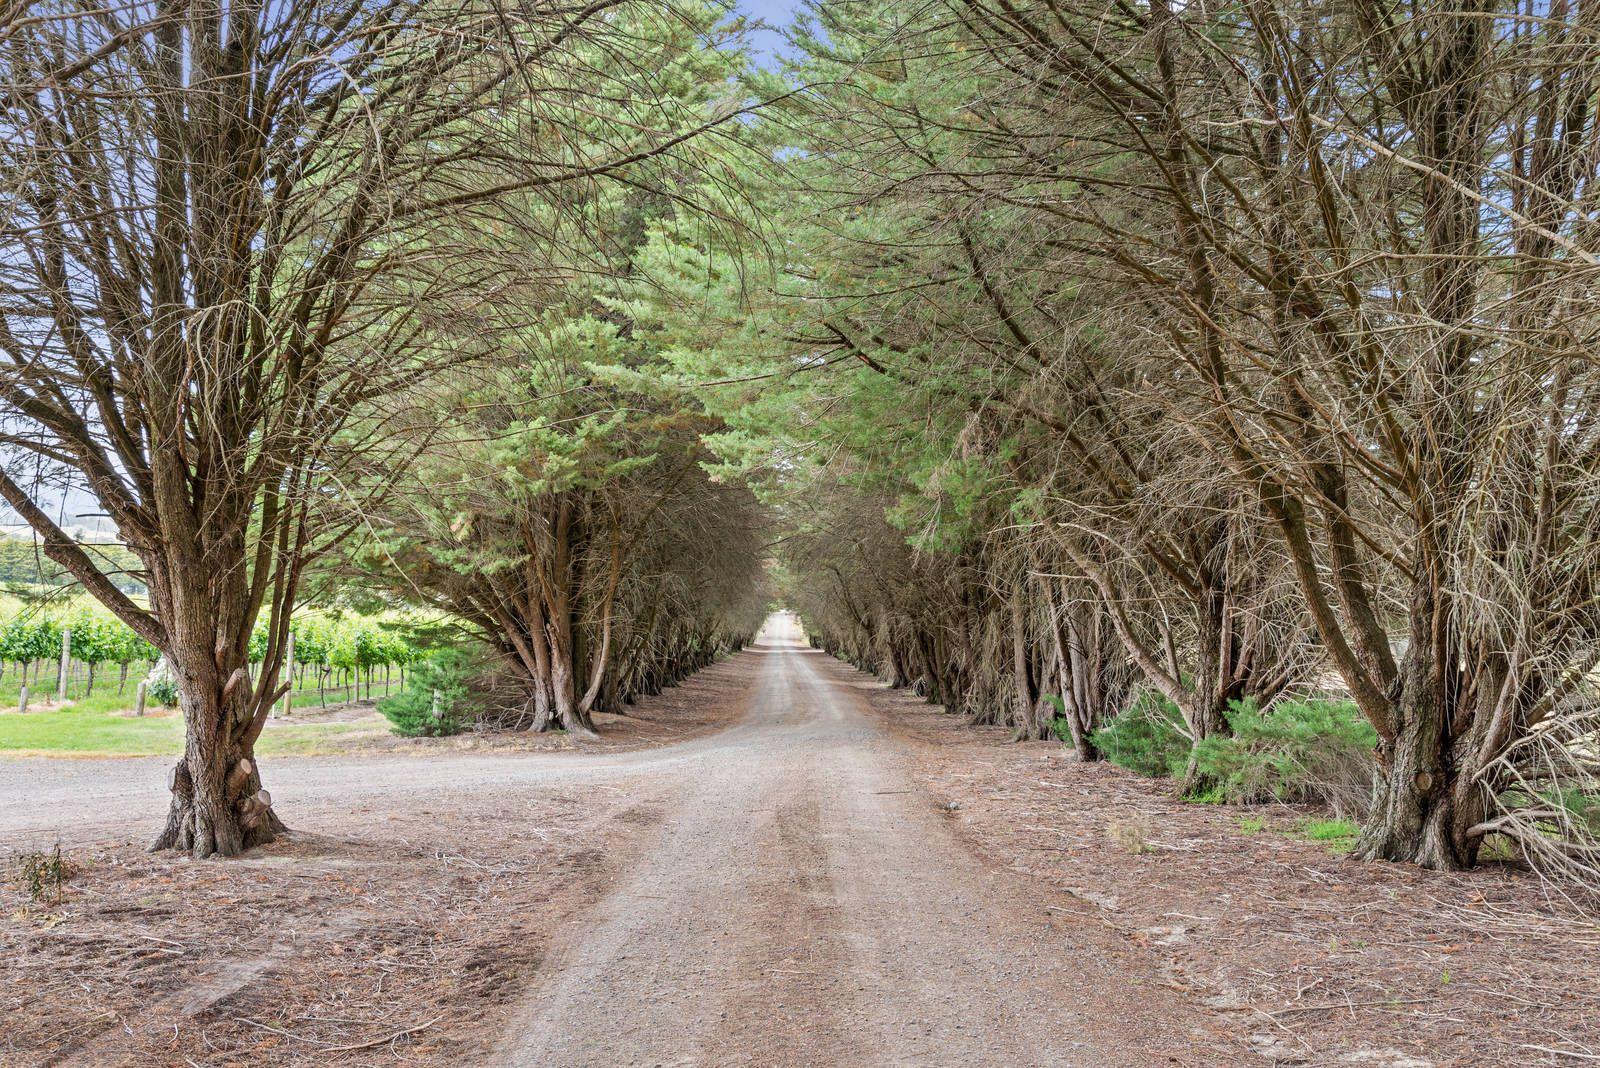 843 Old Toolangi-Dixons Creek Road, Dixons Creek VIC 3775, Image 2